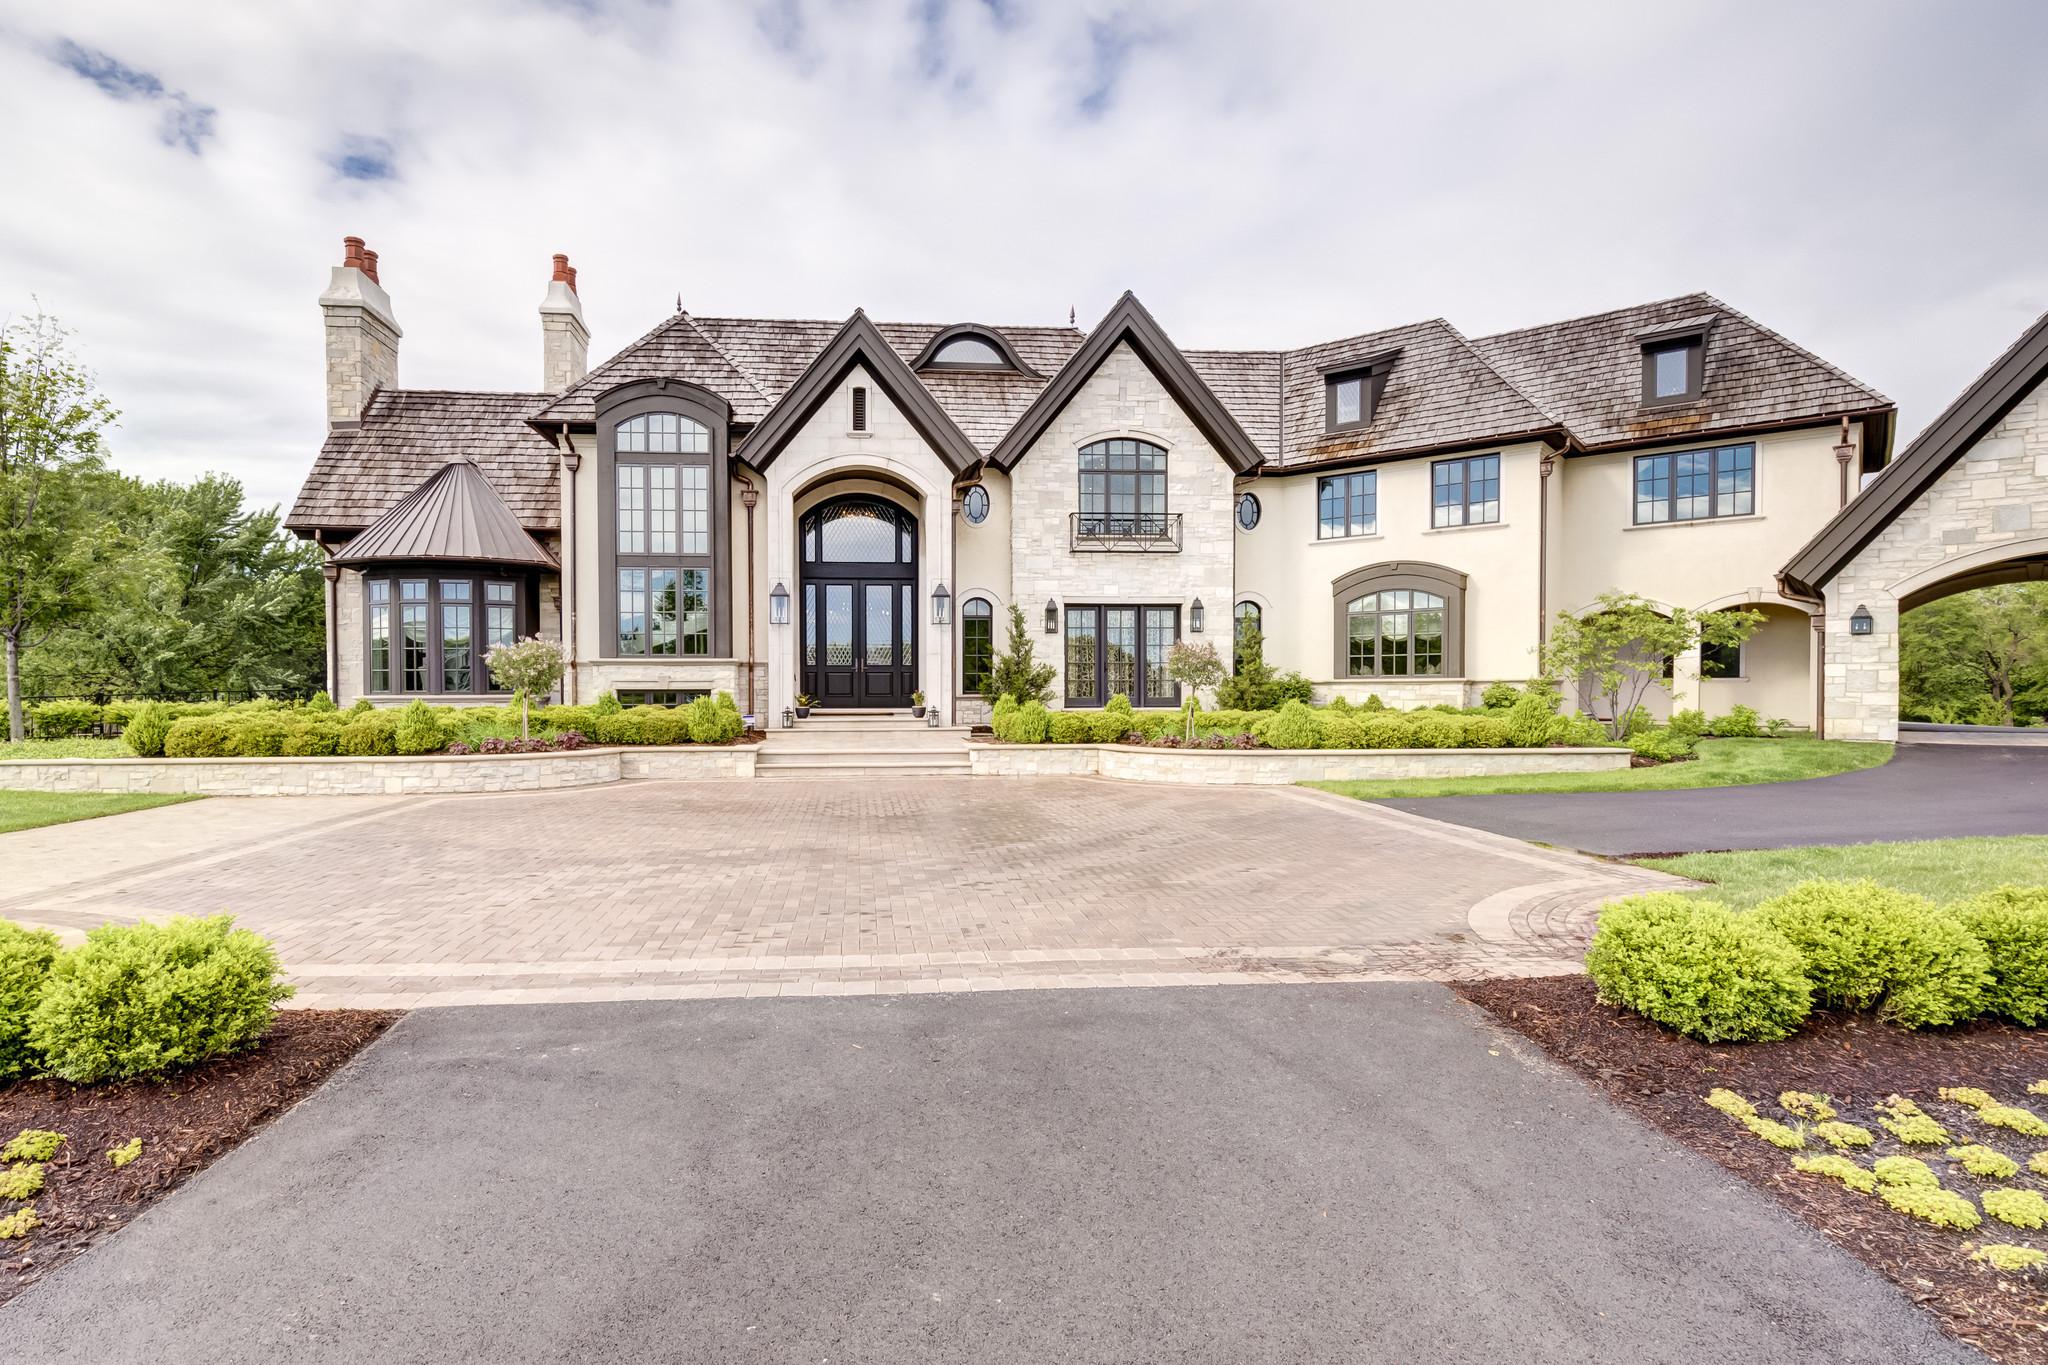 Stunning 875 Million Mansion In Naperville Chicago Tribune